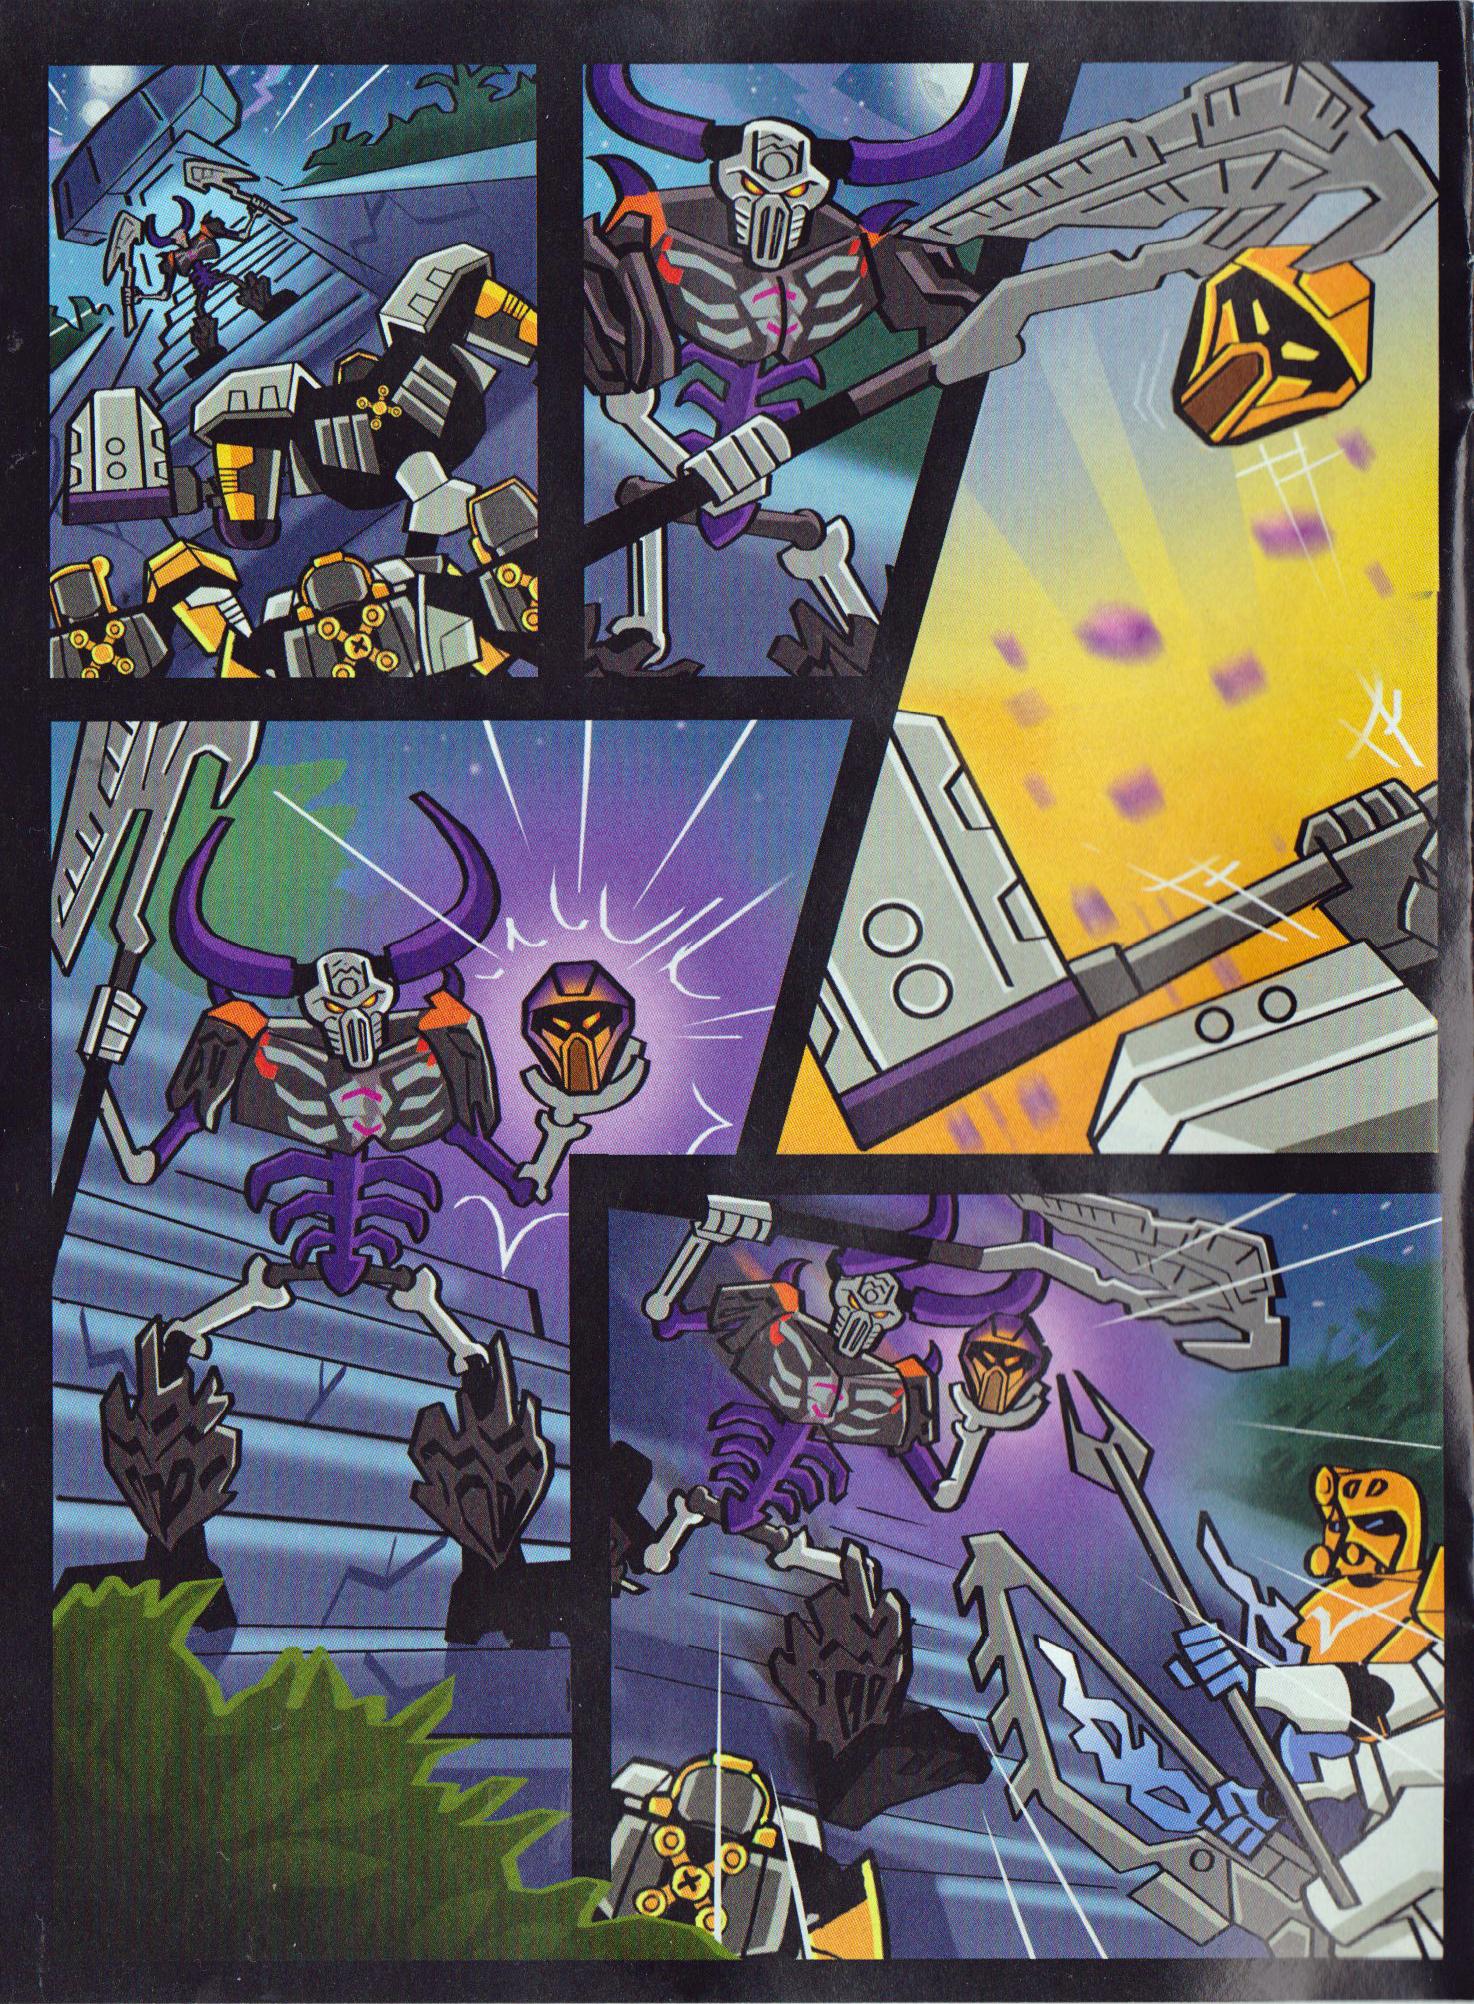 [Produits] Récapitulatif des ensembles de l'été - Page 3 Bionicle_70793_comic